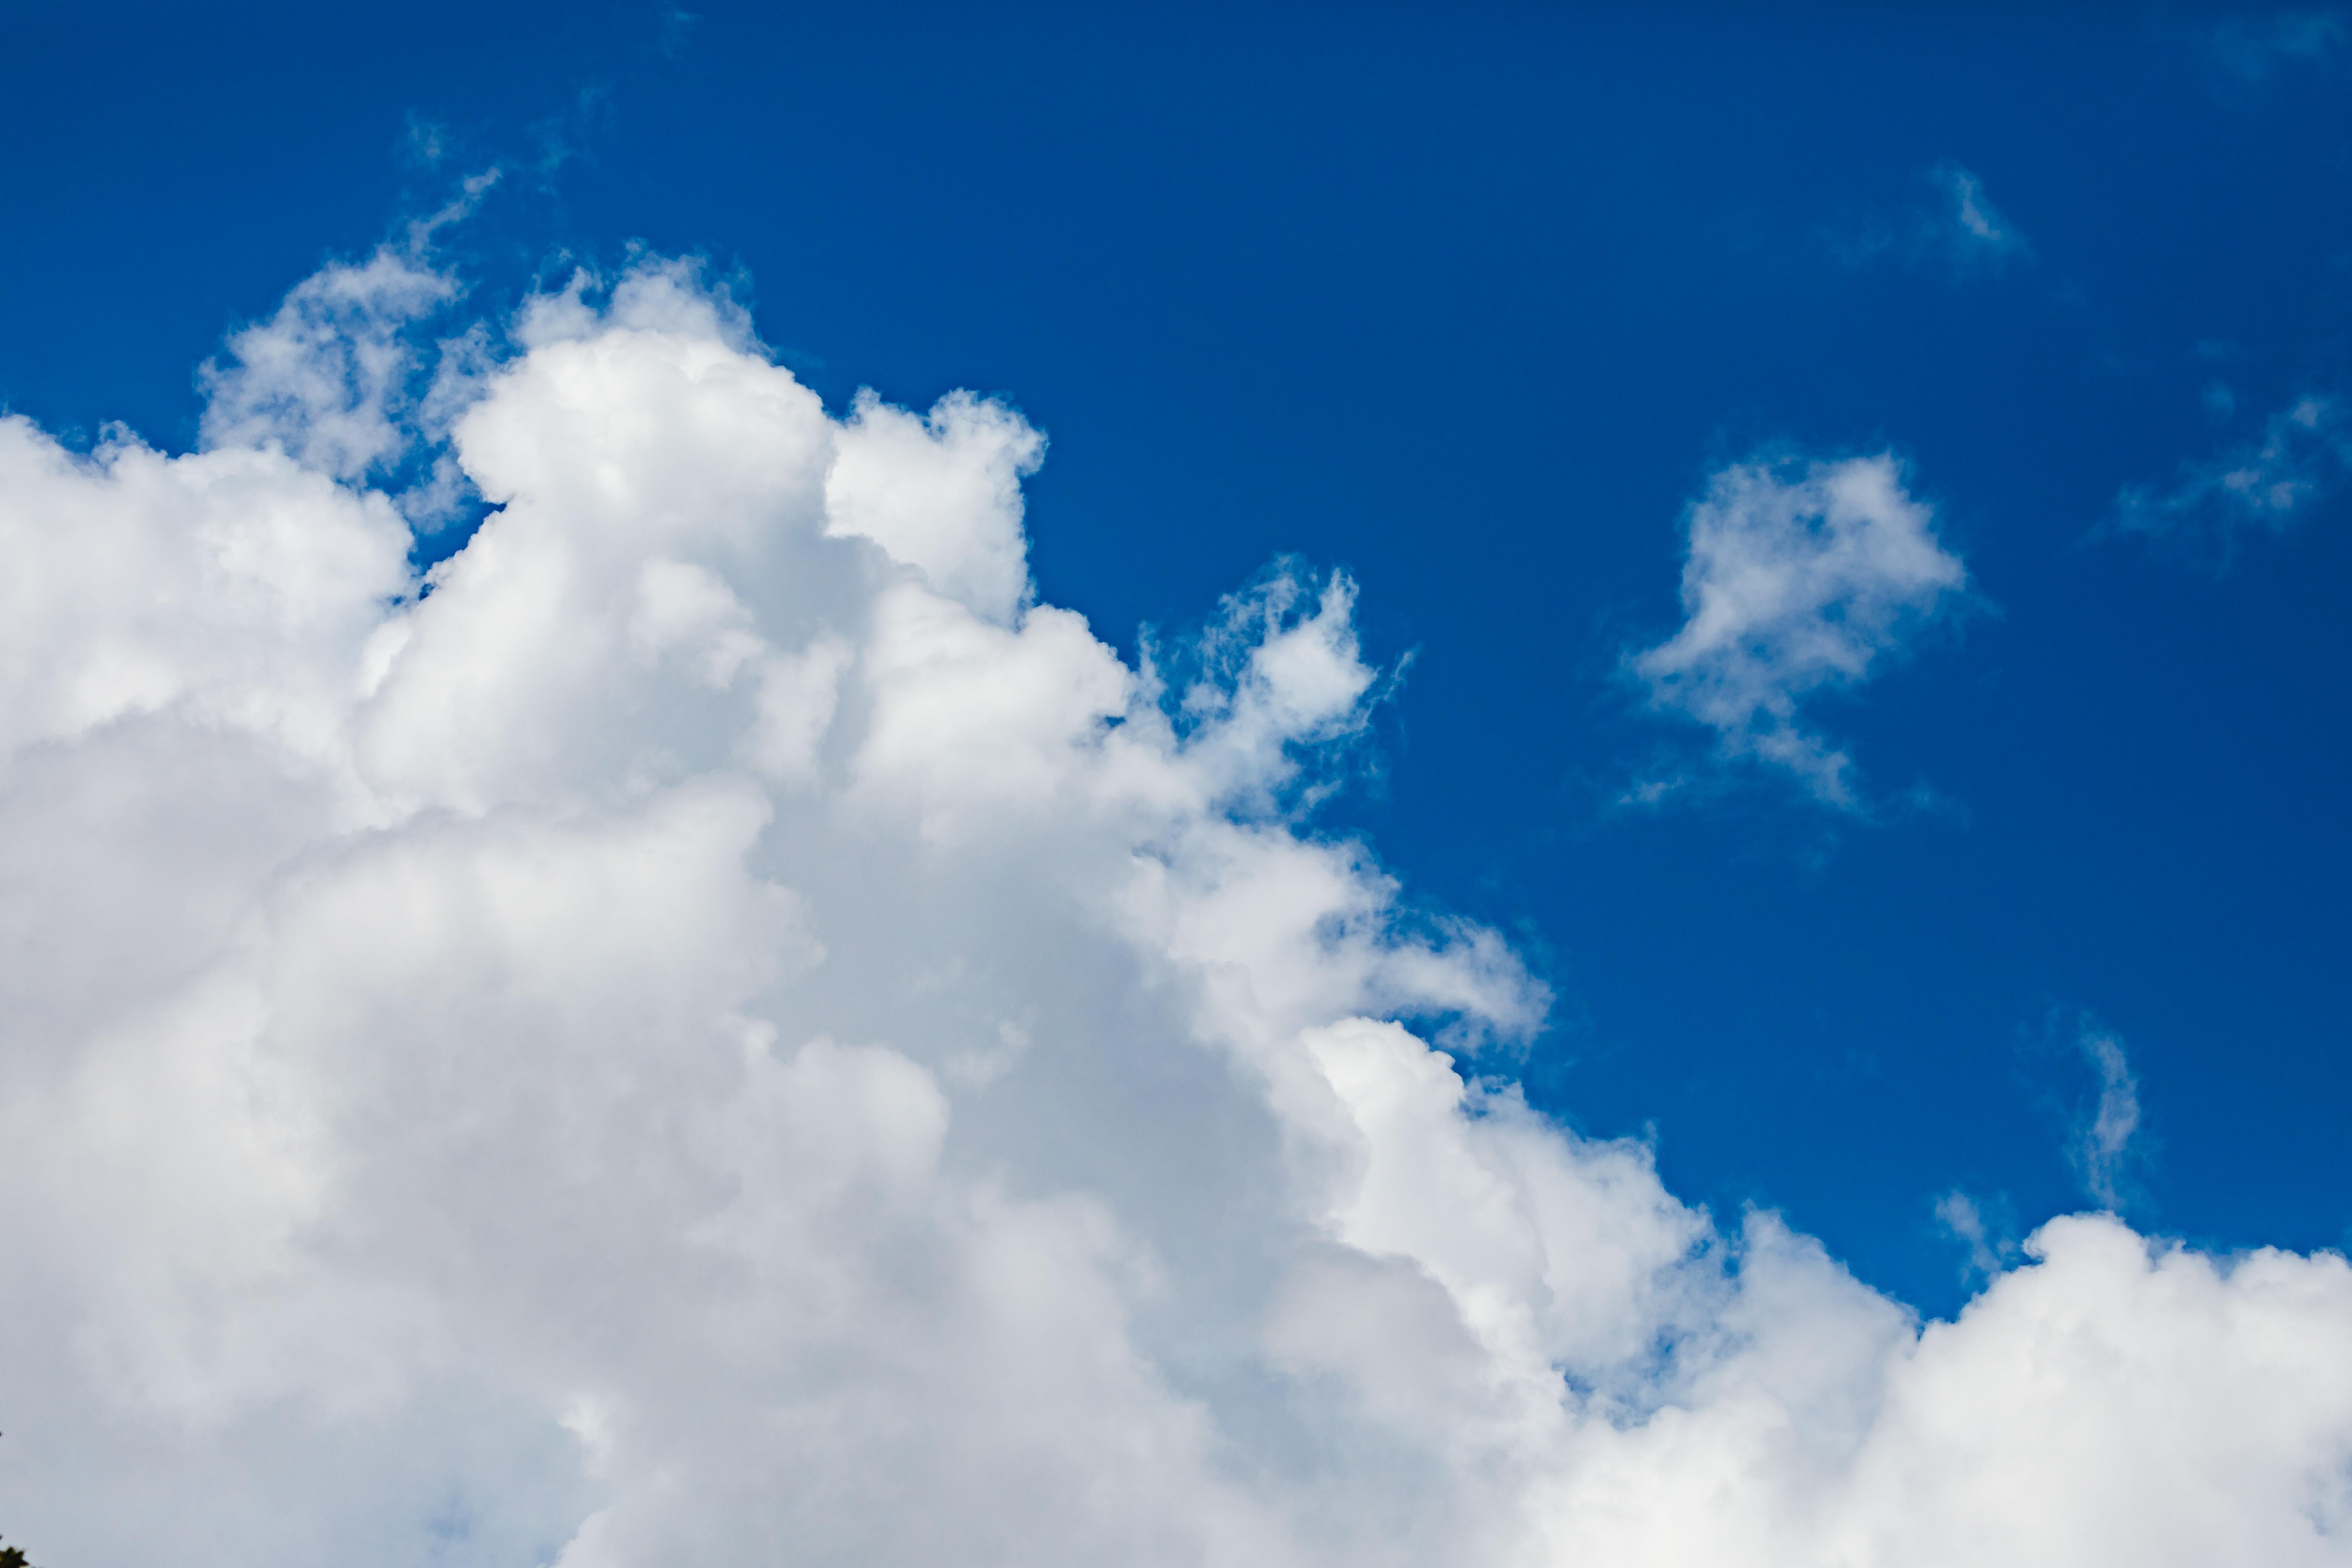 青空に広がる雲の写真素材